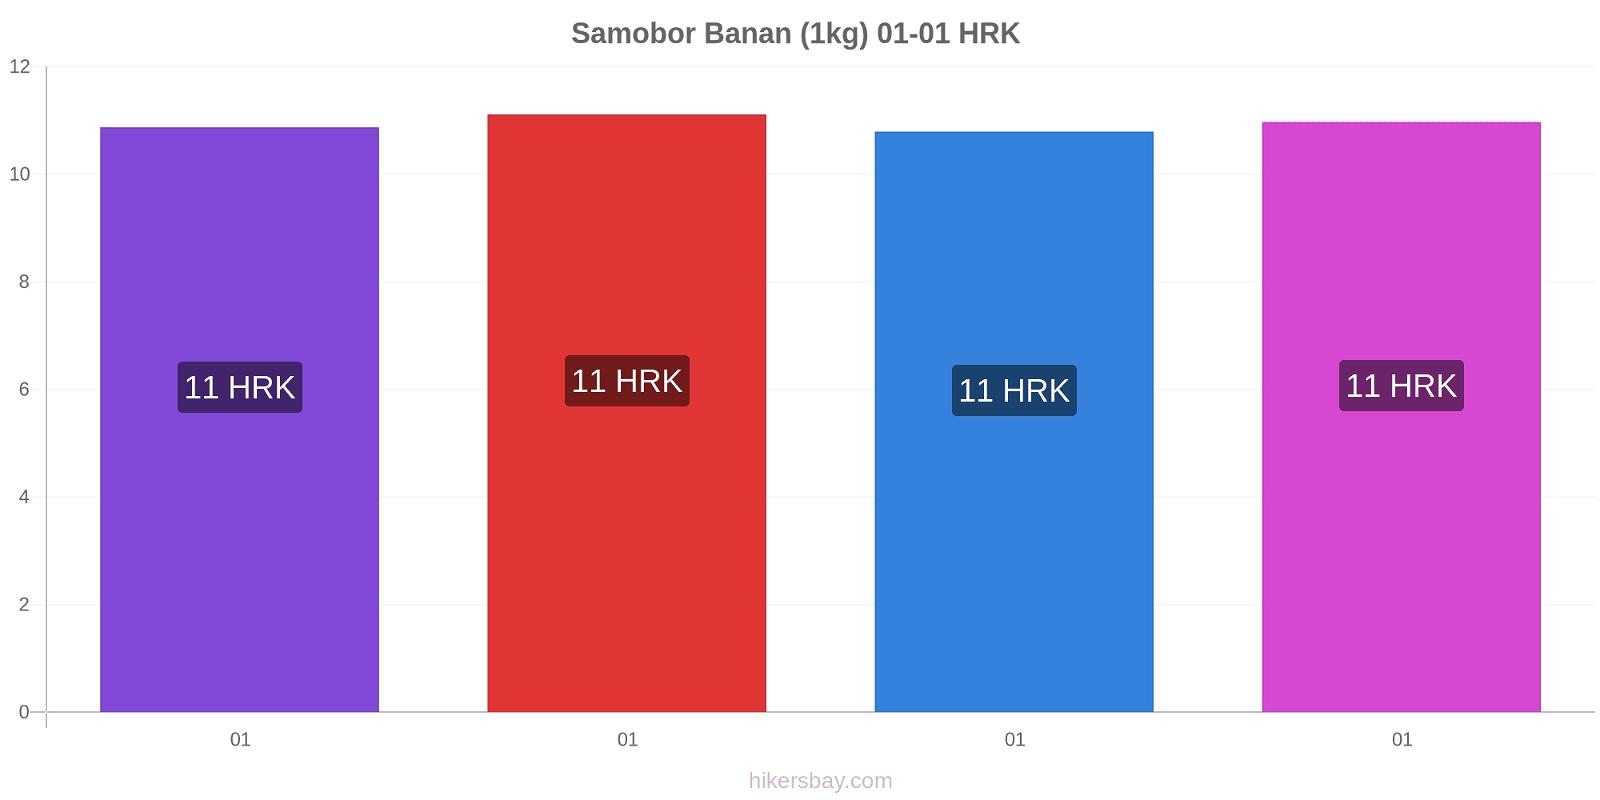 Samobor prisförändringar Banan (1kg) hikersbay.com